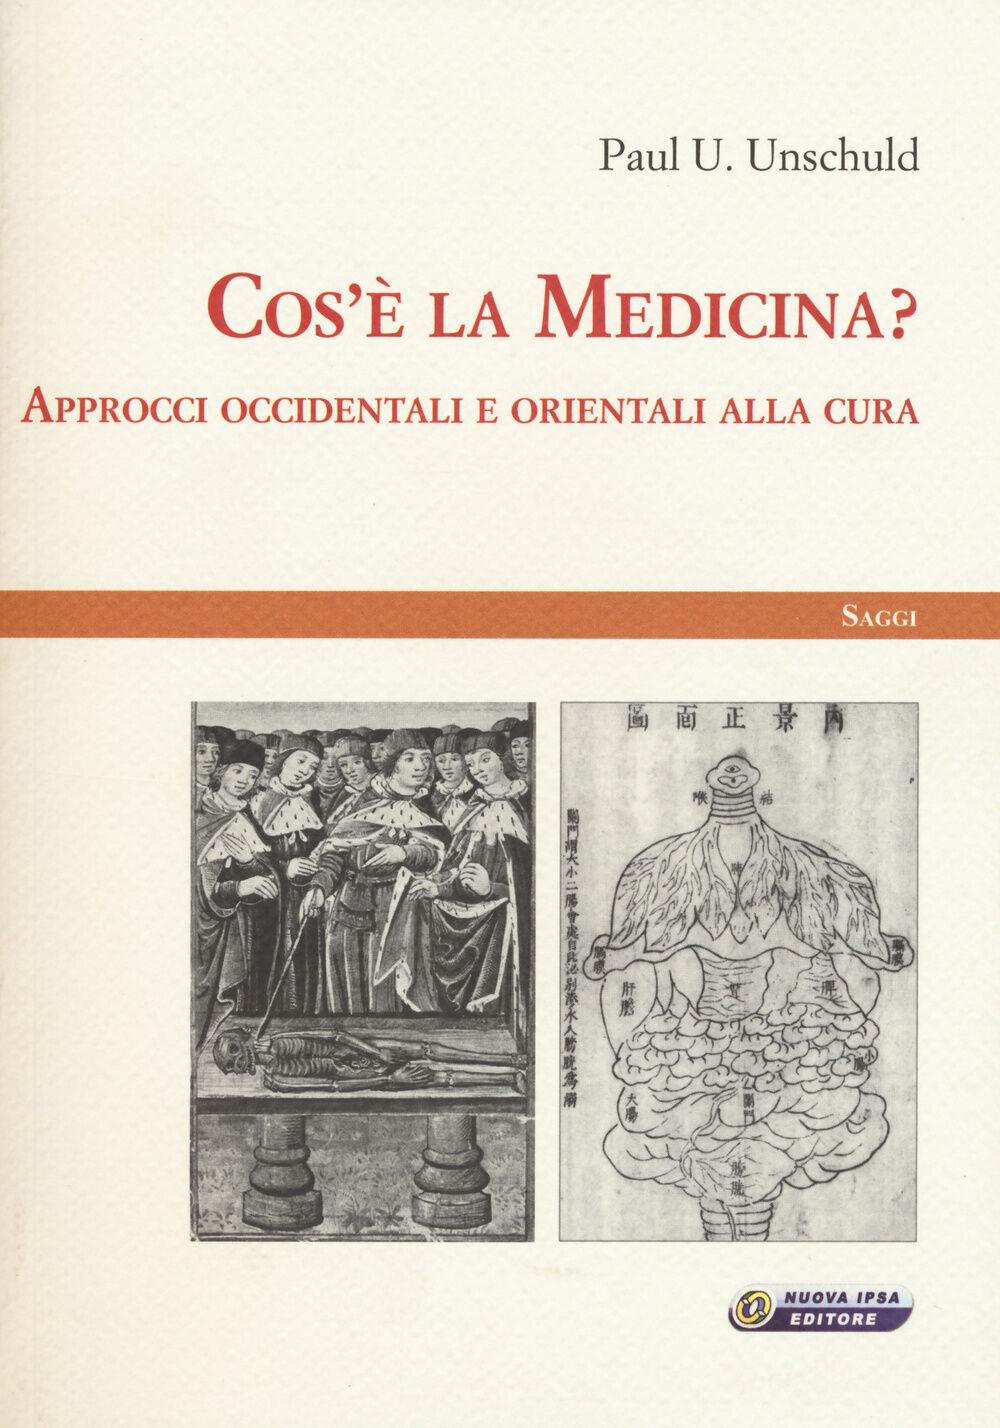 Cos'è la medicina? Approcci occidentali e orientali alla cura